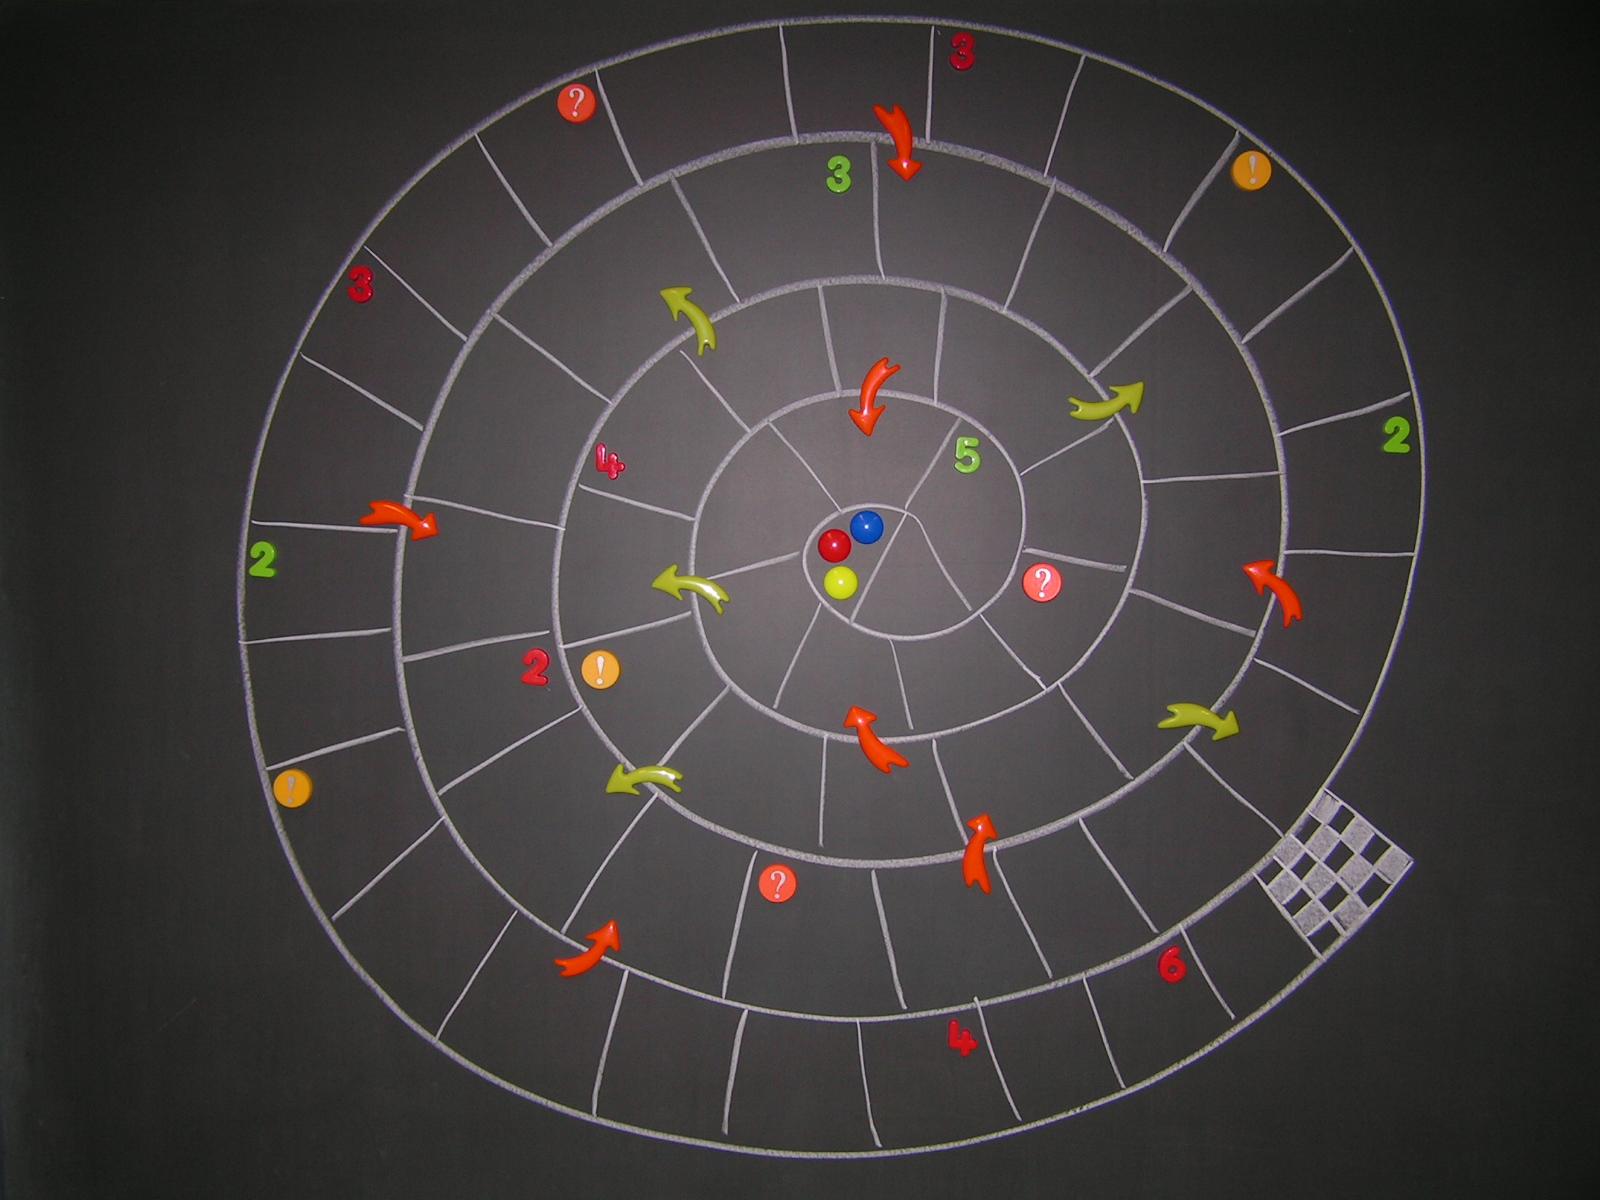 Spiel Schnecke